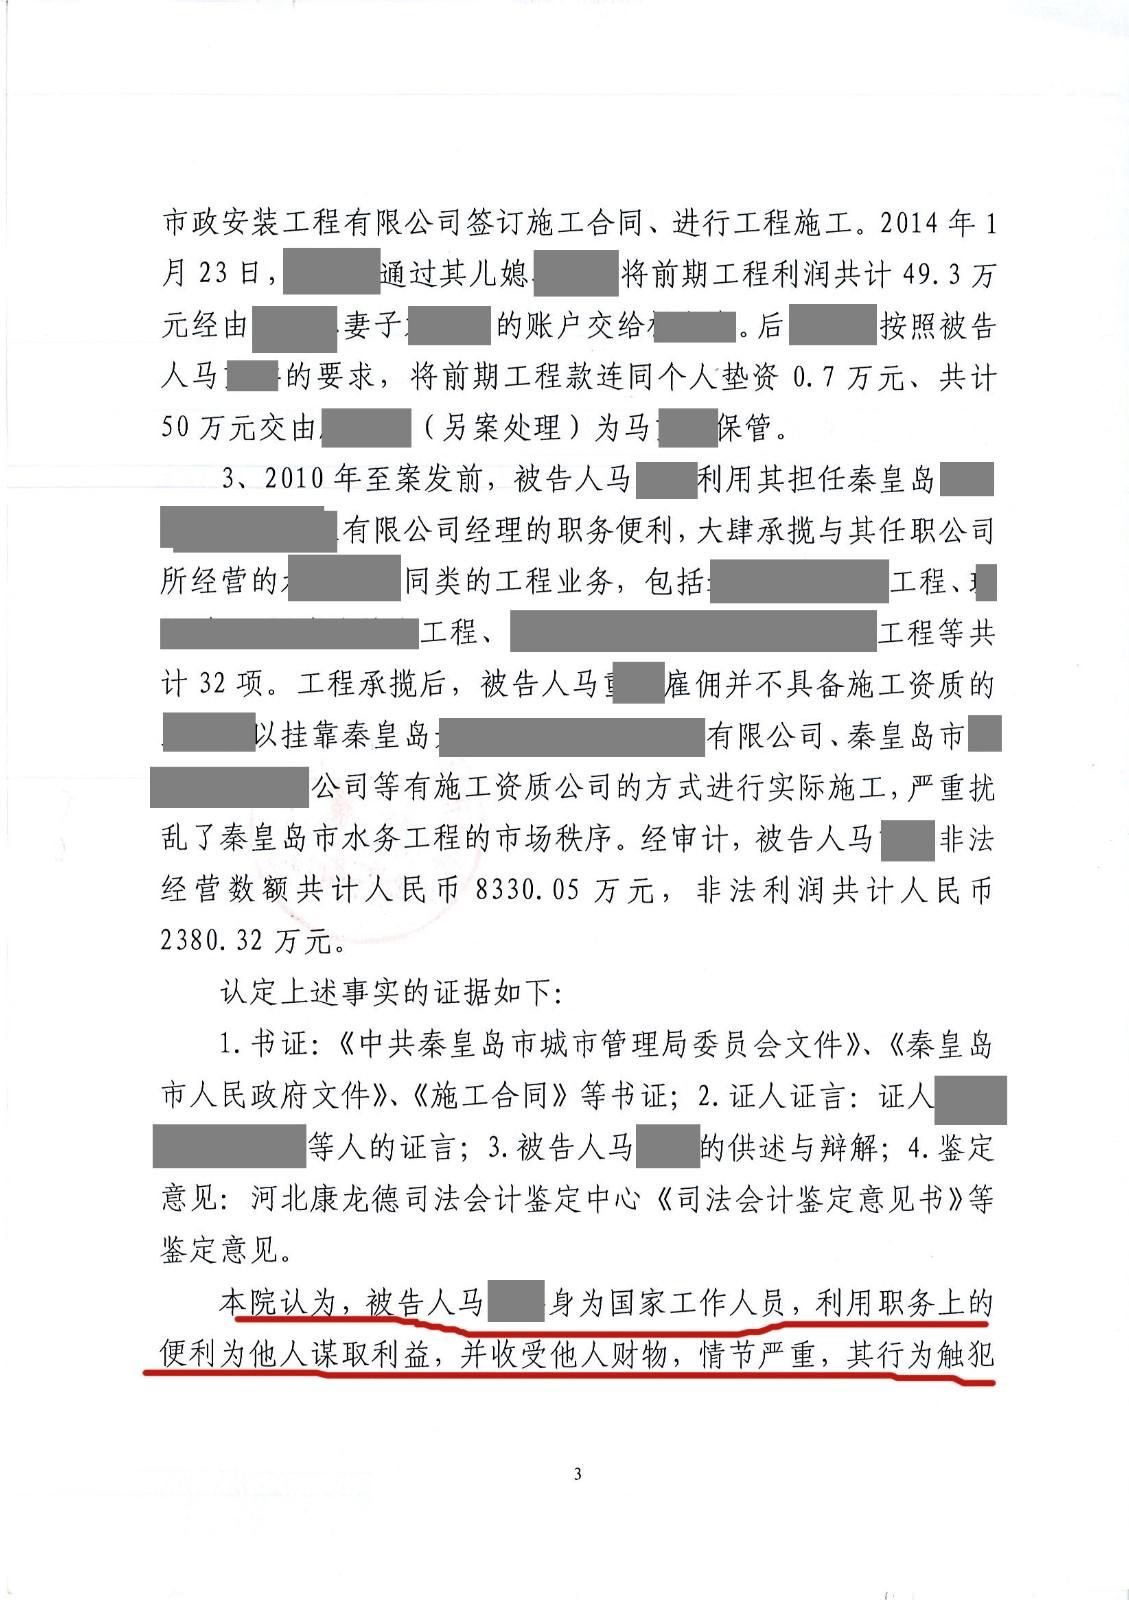 马重群起诉书-山检公诉刑诉【2015】32号-222.jpg